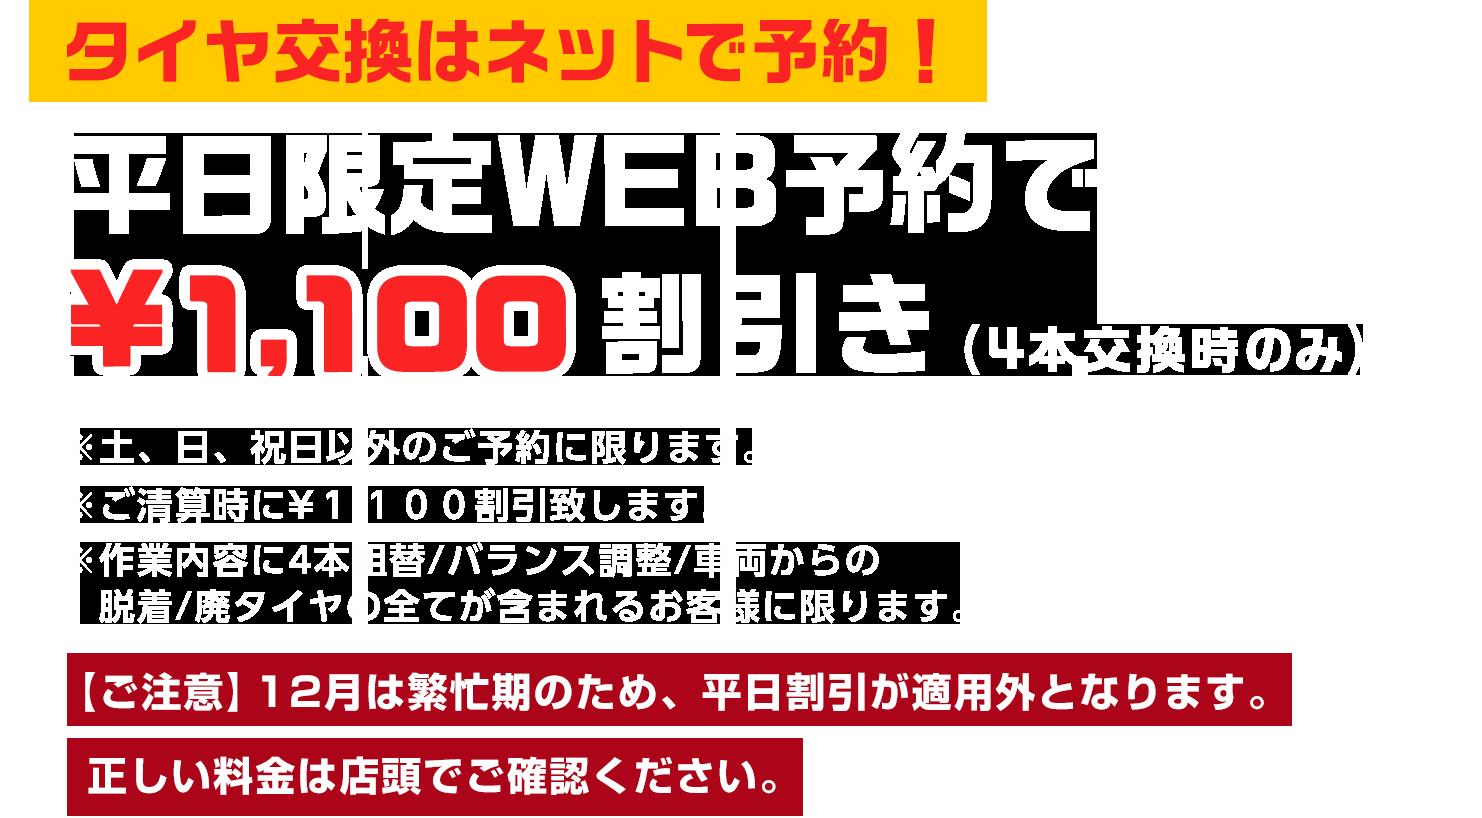 タイヤはネットで買う時代!タイヤ交換の新しいスタイル!一本交換¥760(税抜)〜